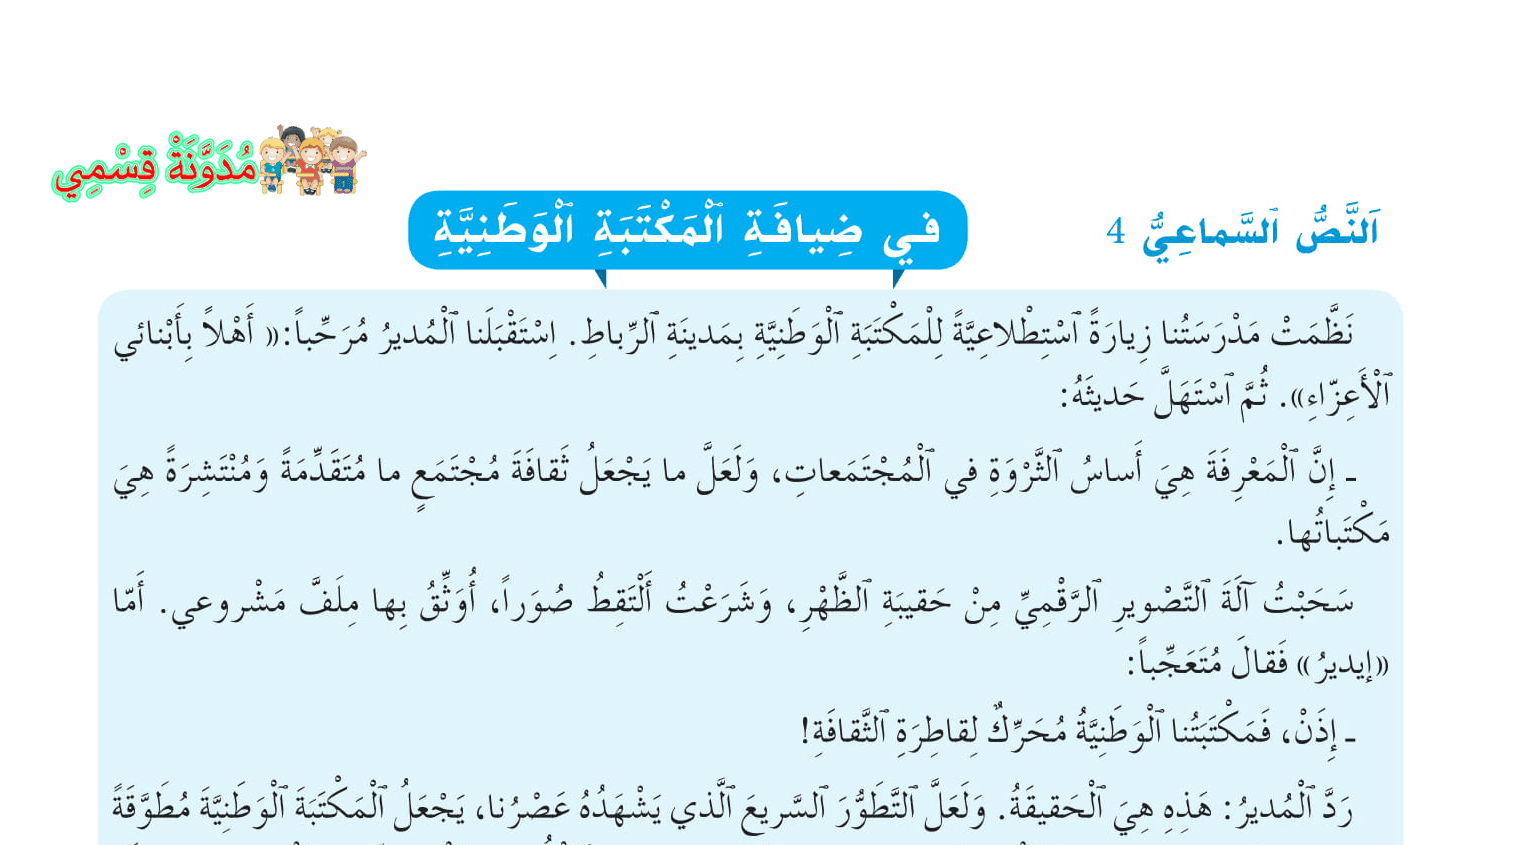 النص السماعي في ضيافة المكتبة الوطنية